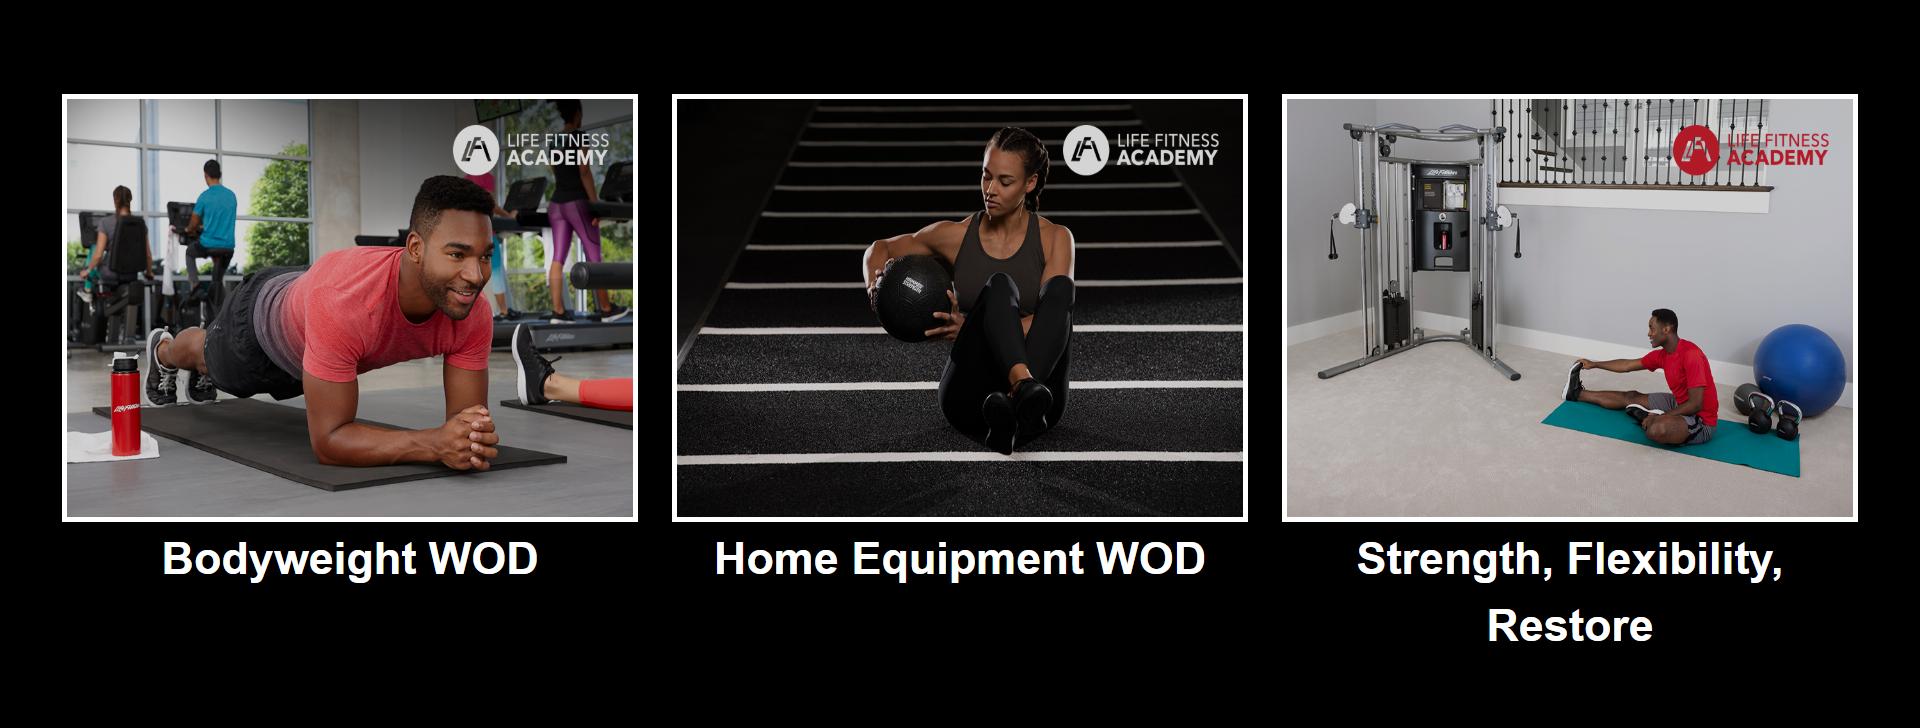 Digital Coach Workout